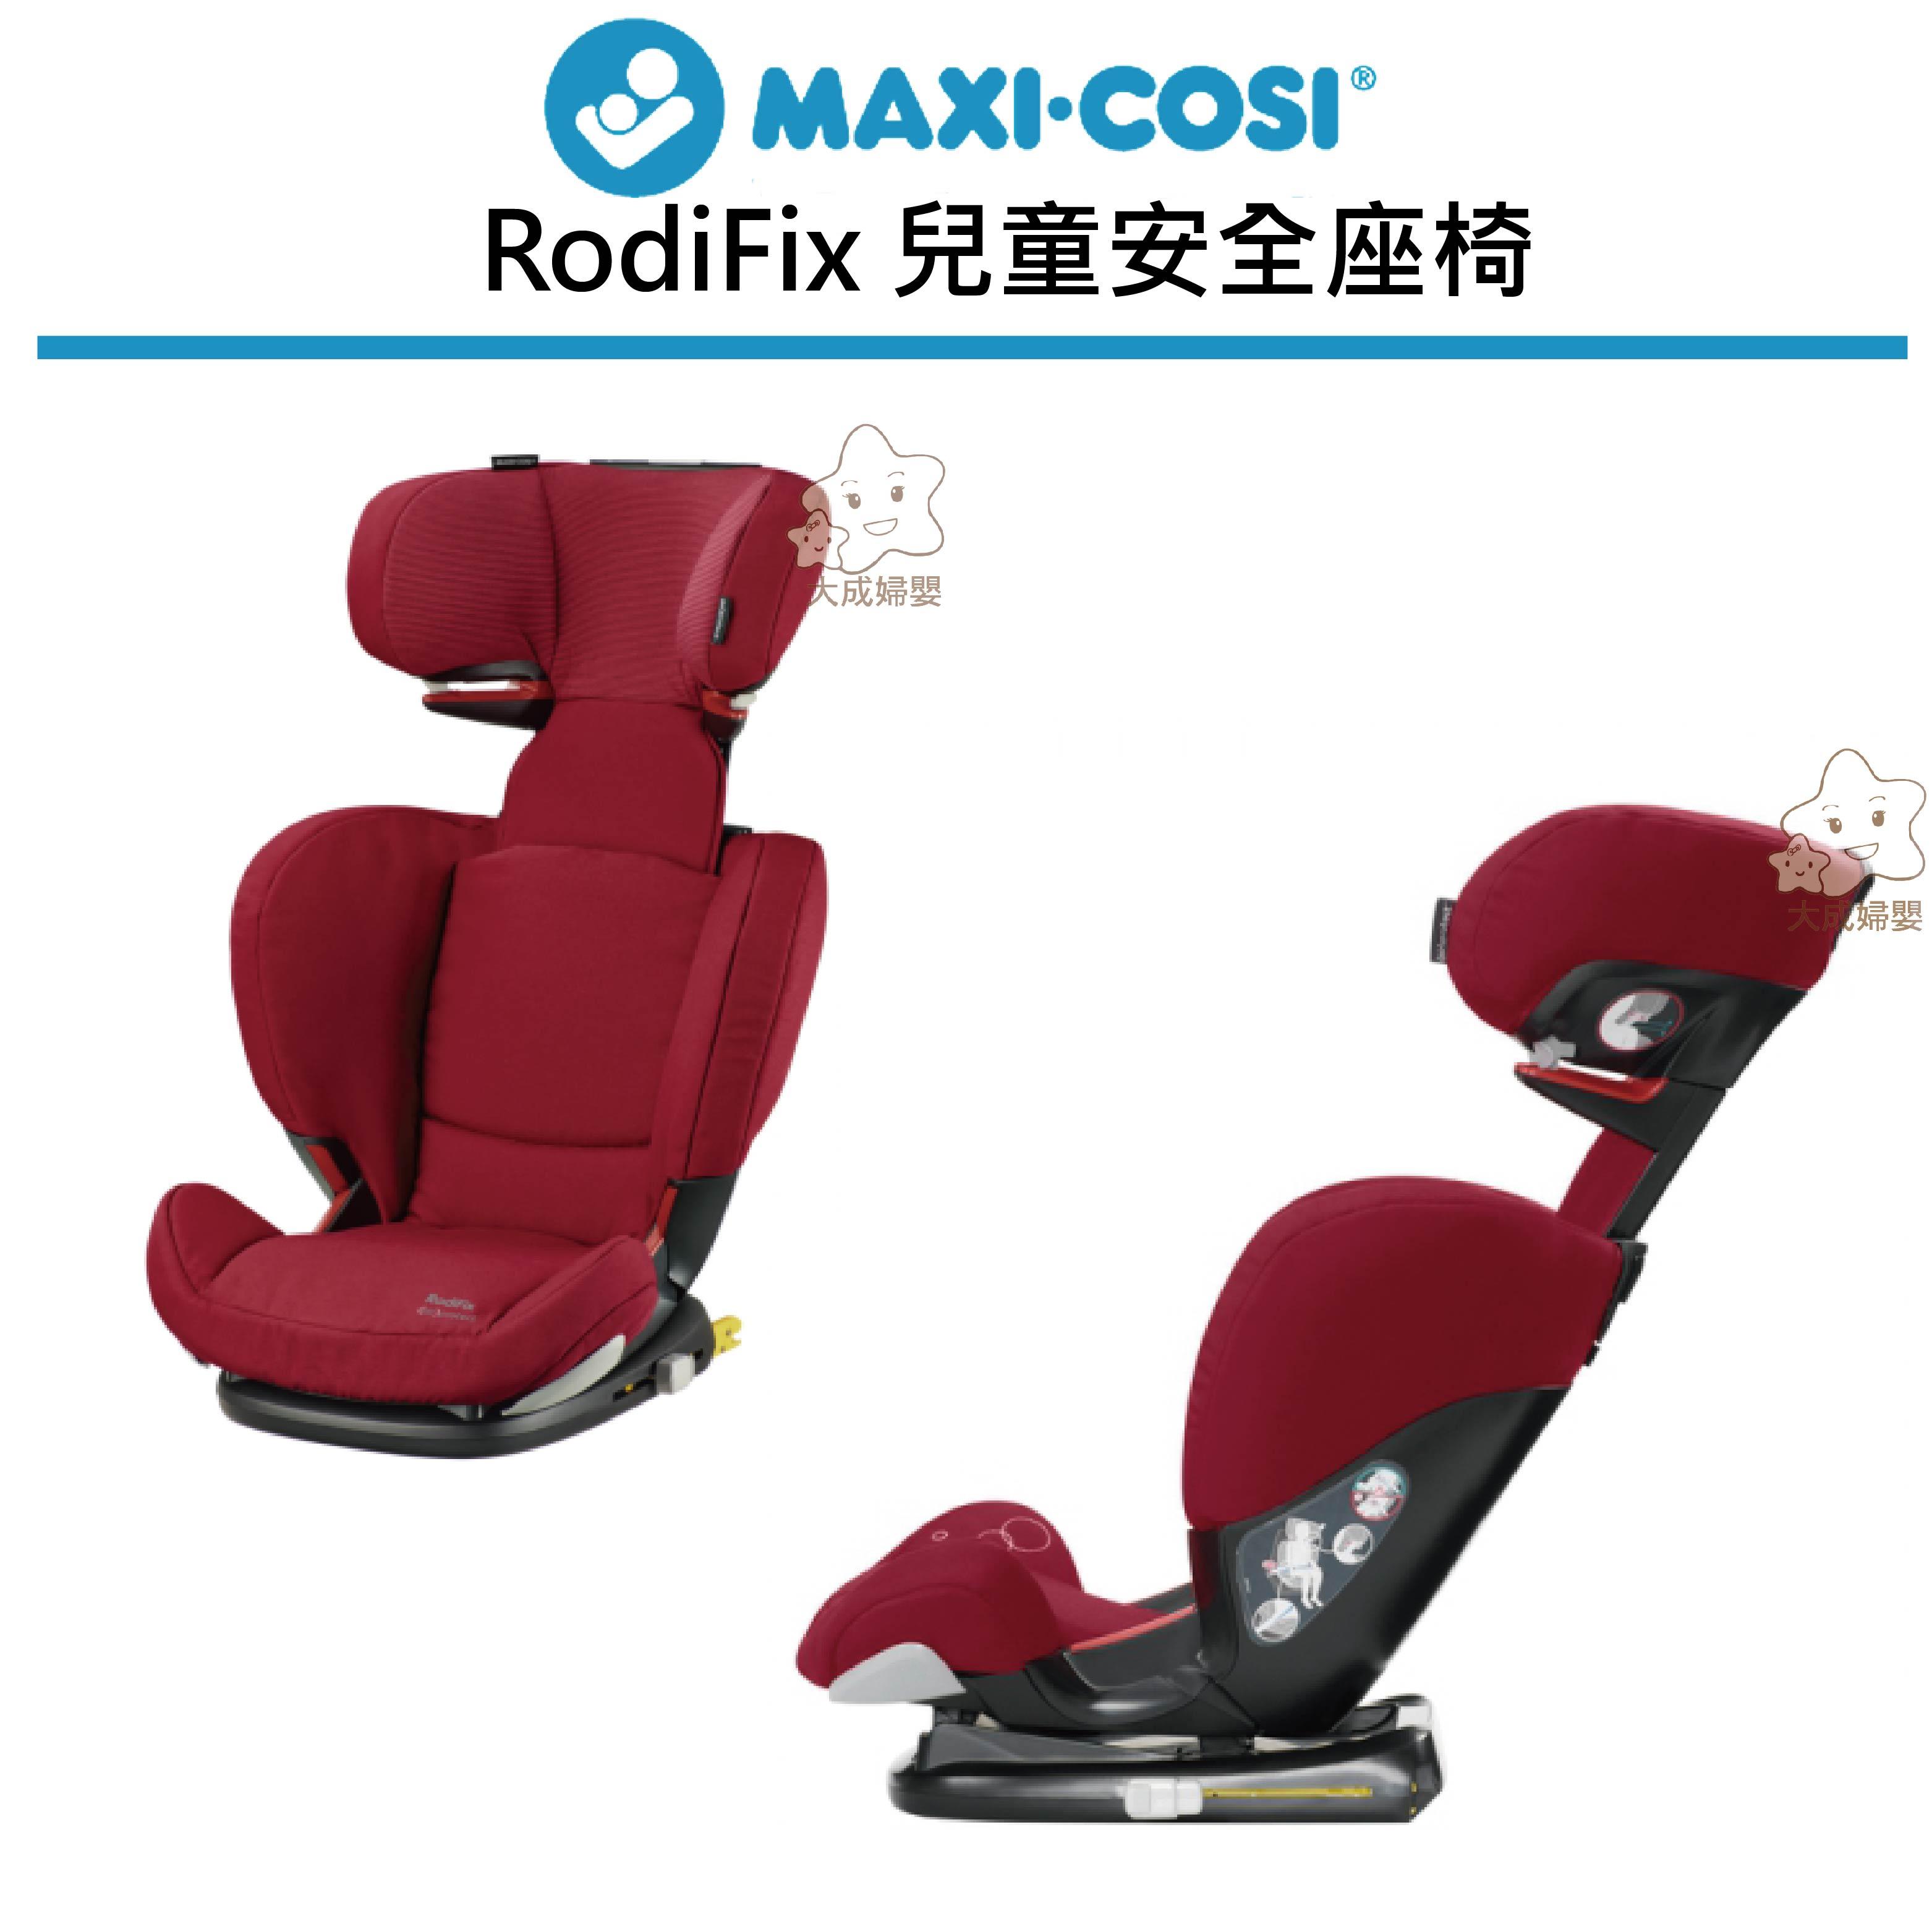 【大成婦嬰】MAXI-COSI RodiFix 兒童安全座椅 7580 下標前請先詢問是否有現貨